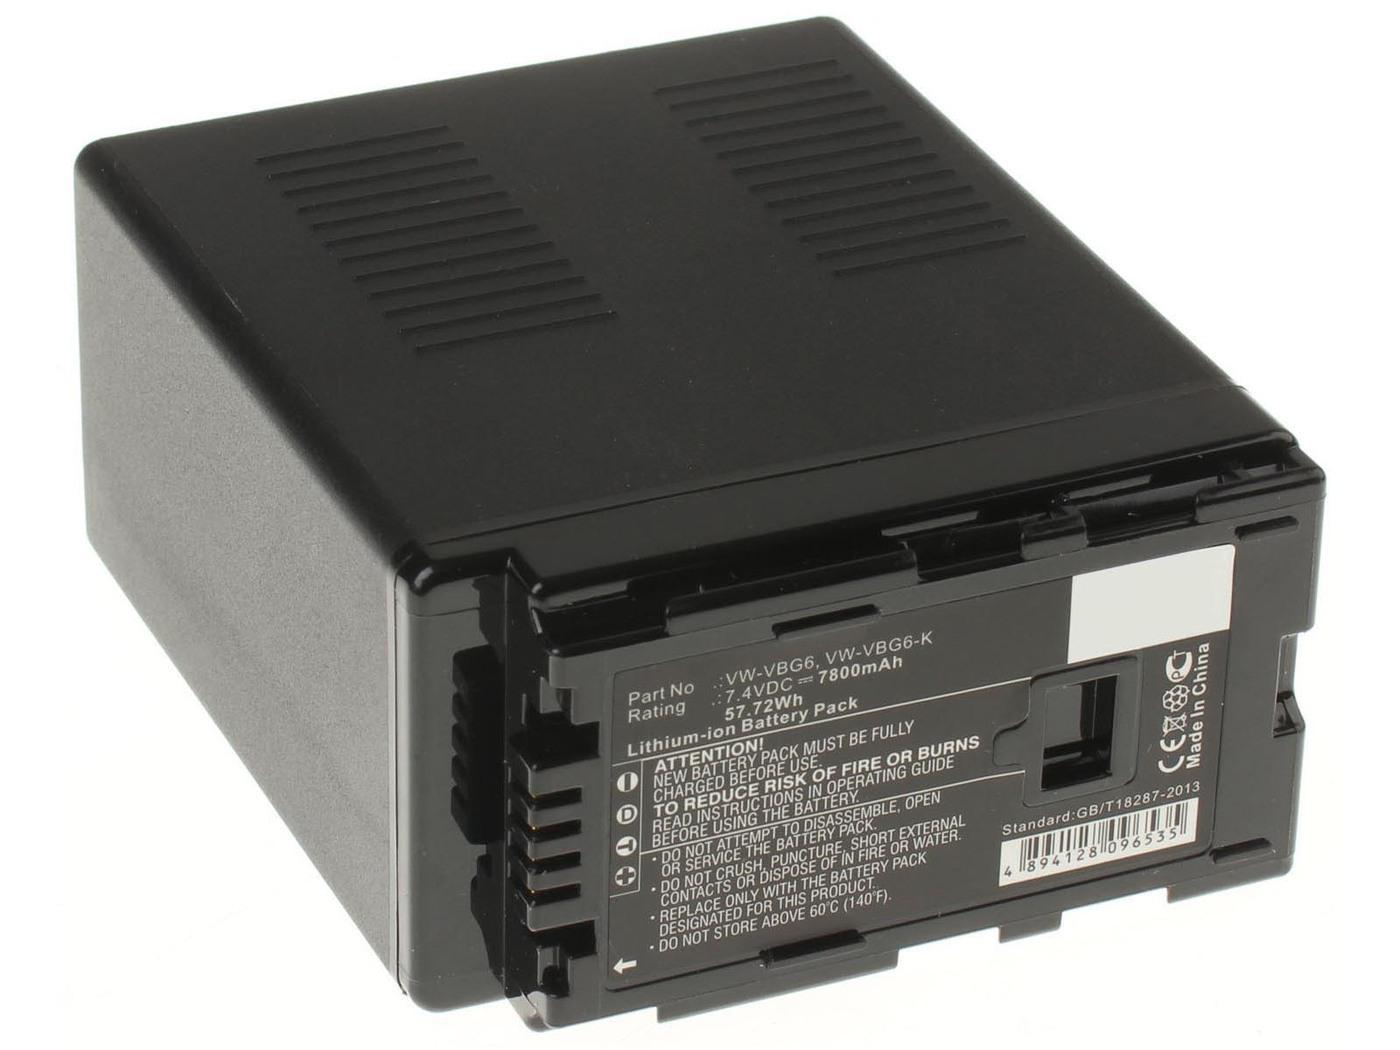 Аккумуляторная батарея iBatt iB-T1-F376 7800mAh для камер Panasonic AG-AC160, AG-HMC154ER, AG-HMC84ER, AG-HMC74ER, AG-AC130, AG-AC120, AG-AF104ER, AG-HMC40, AG-AC120EN, AG-AF100, AG-AC160EN, AG-HMC41E, AG-AC130EN, AG-AC160P, AG-AF101E, AG-HMC150,